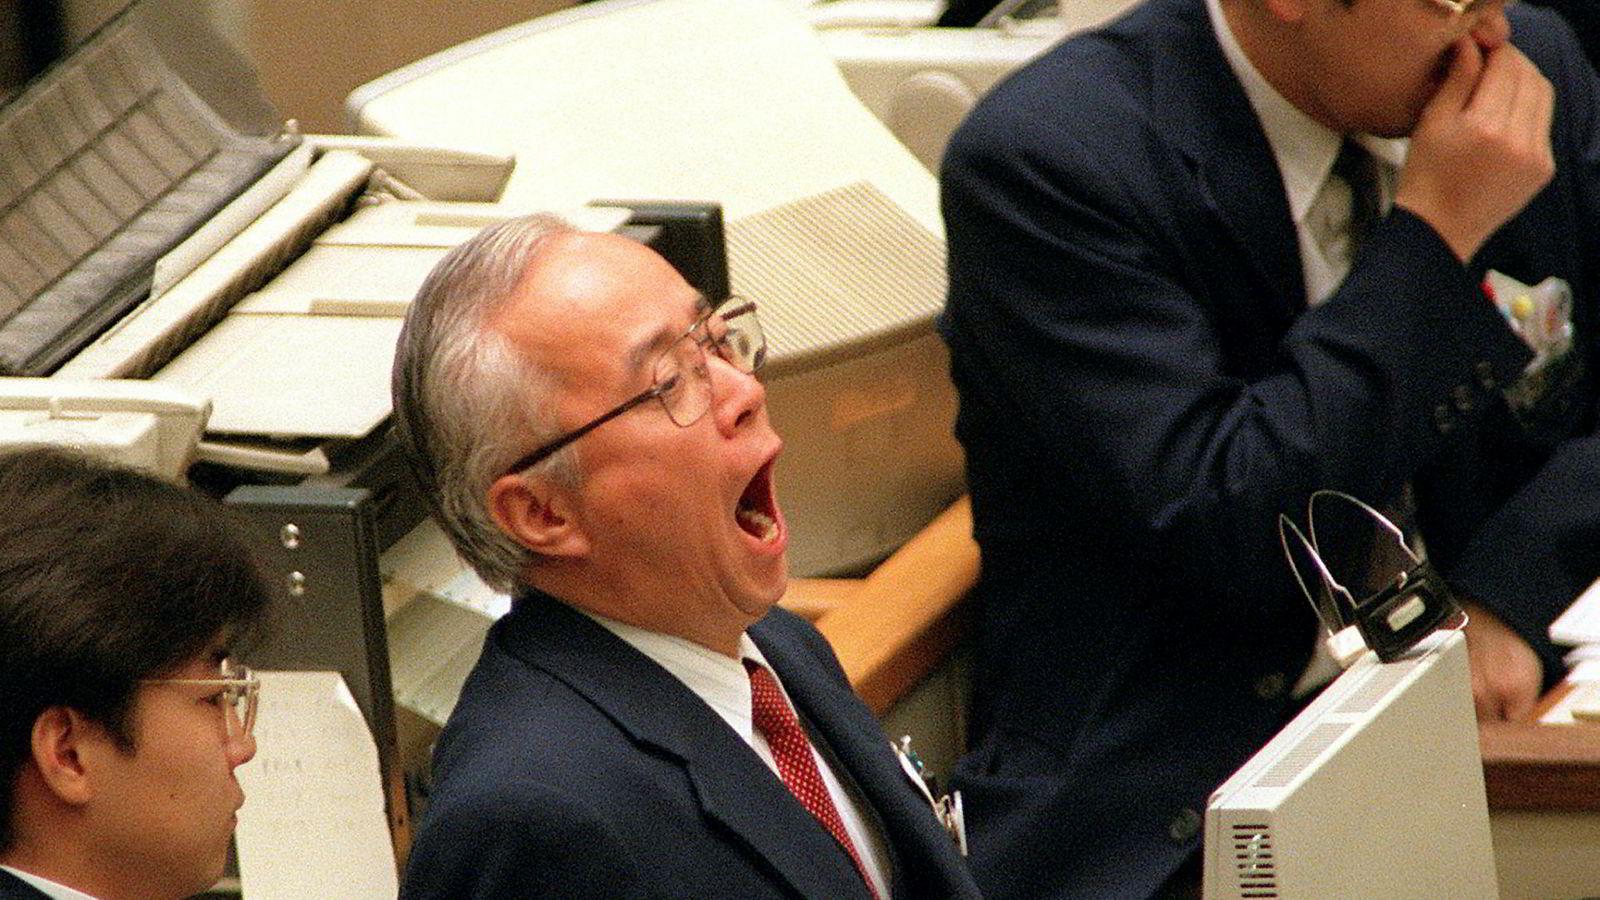 En aksjetrader som jobber på Tokyo-børsen gjesper høyt.